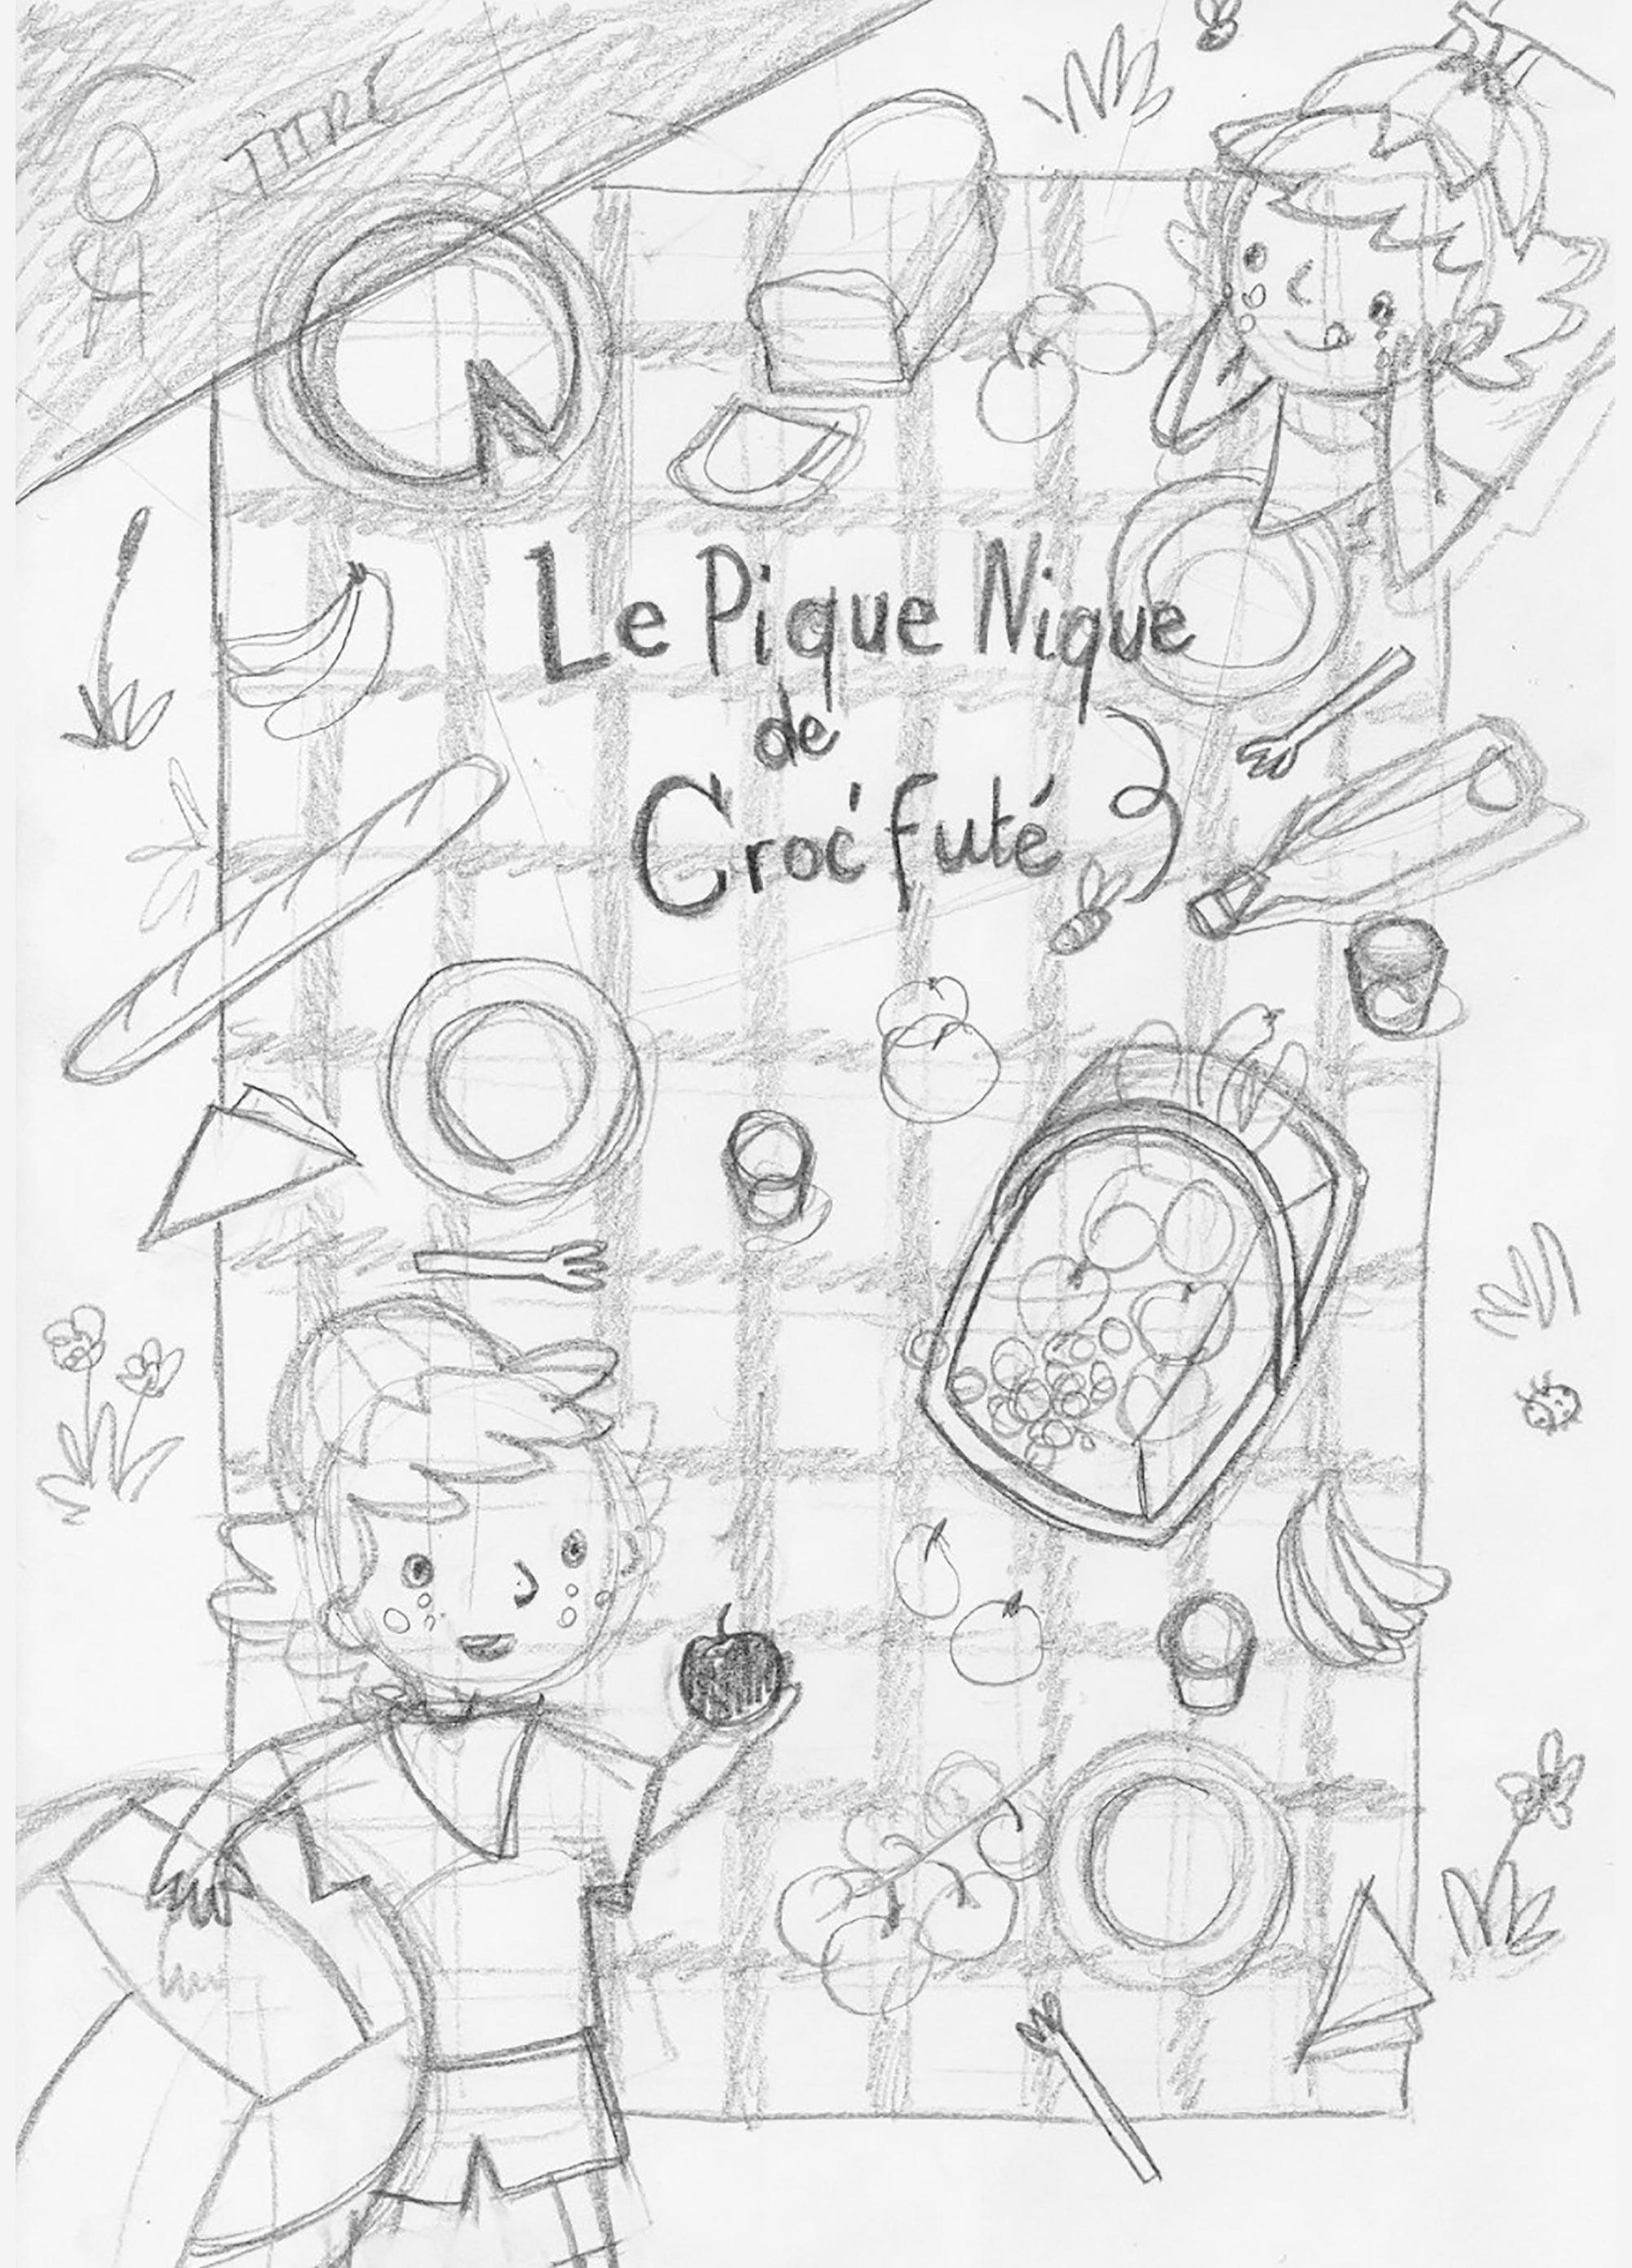 Croc'Futé - rough poster pédagogique - écoles maternelles